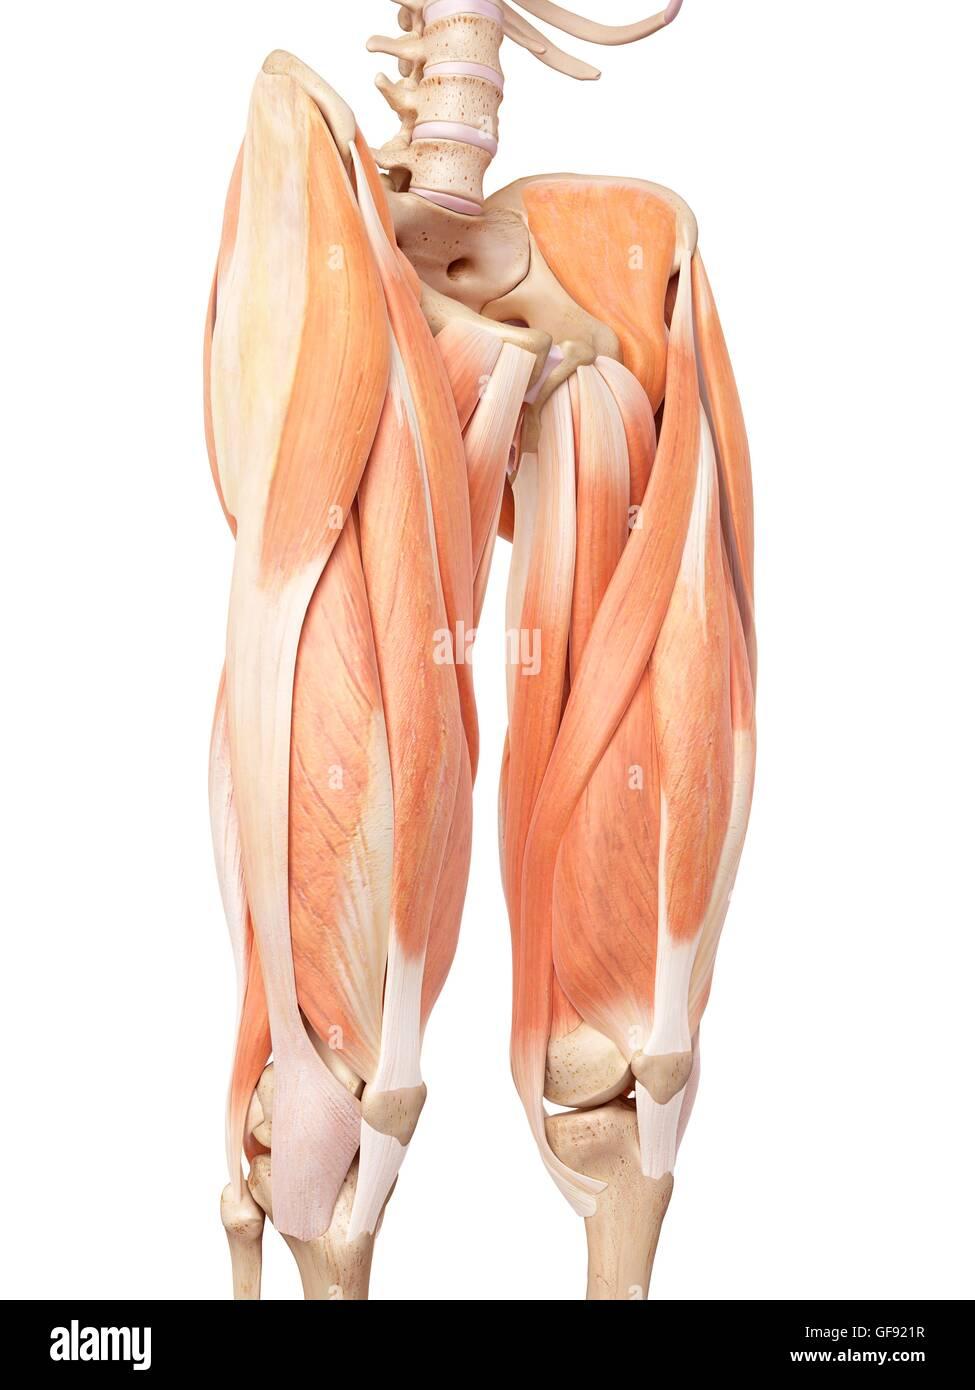 Ausgezeichnet Menschliche Beinmuskeln Anatomie Bilder - Menschliche ...